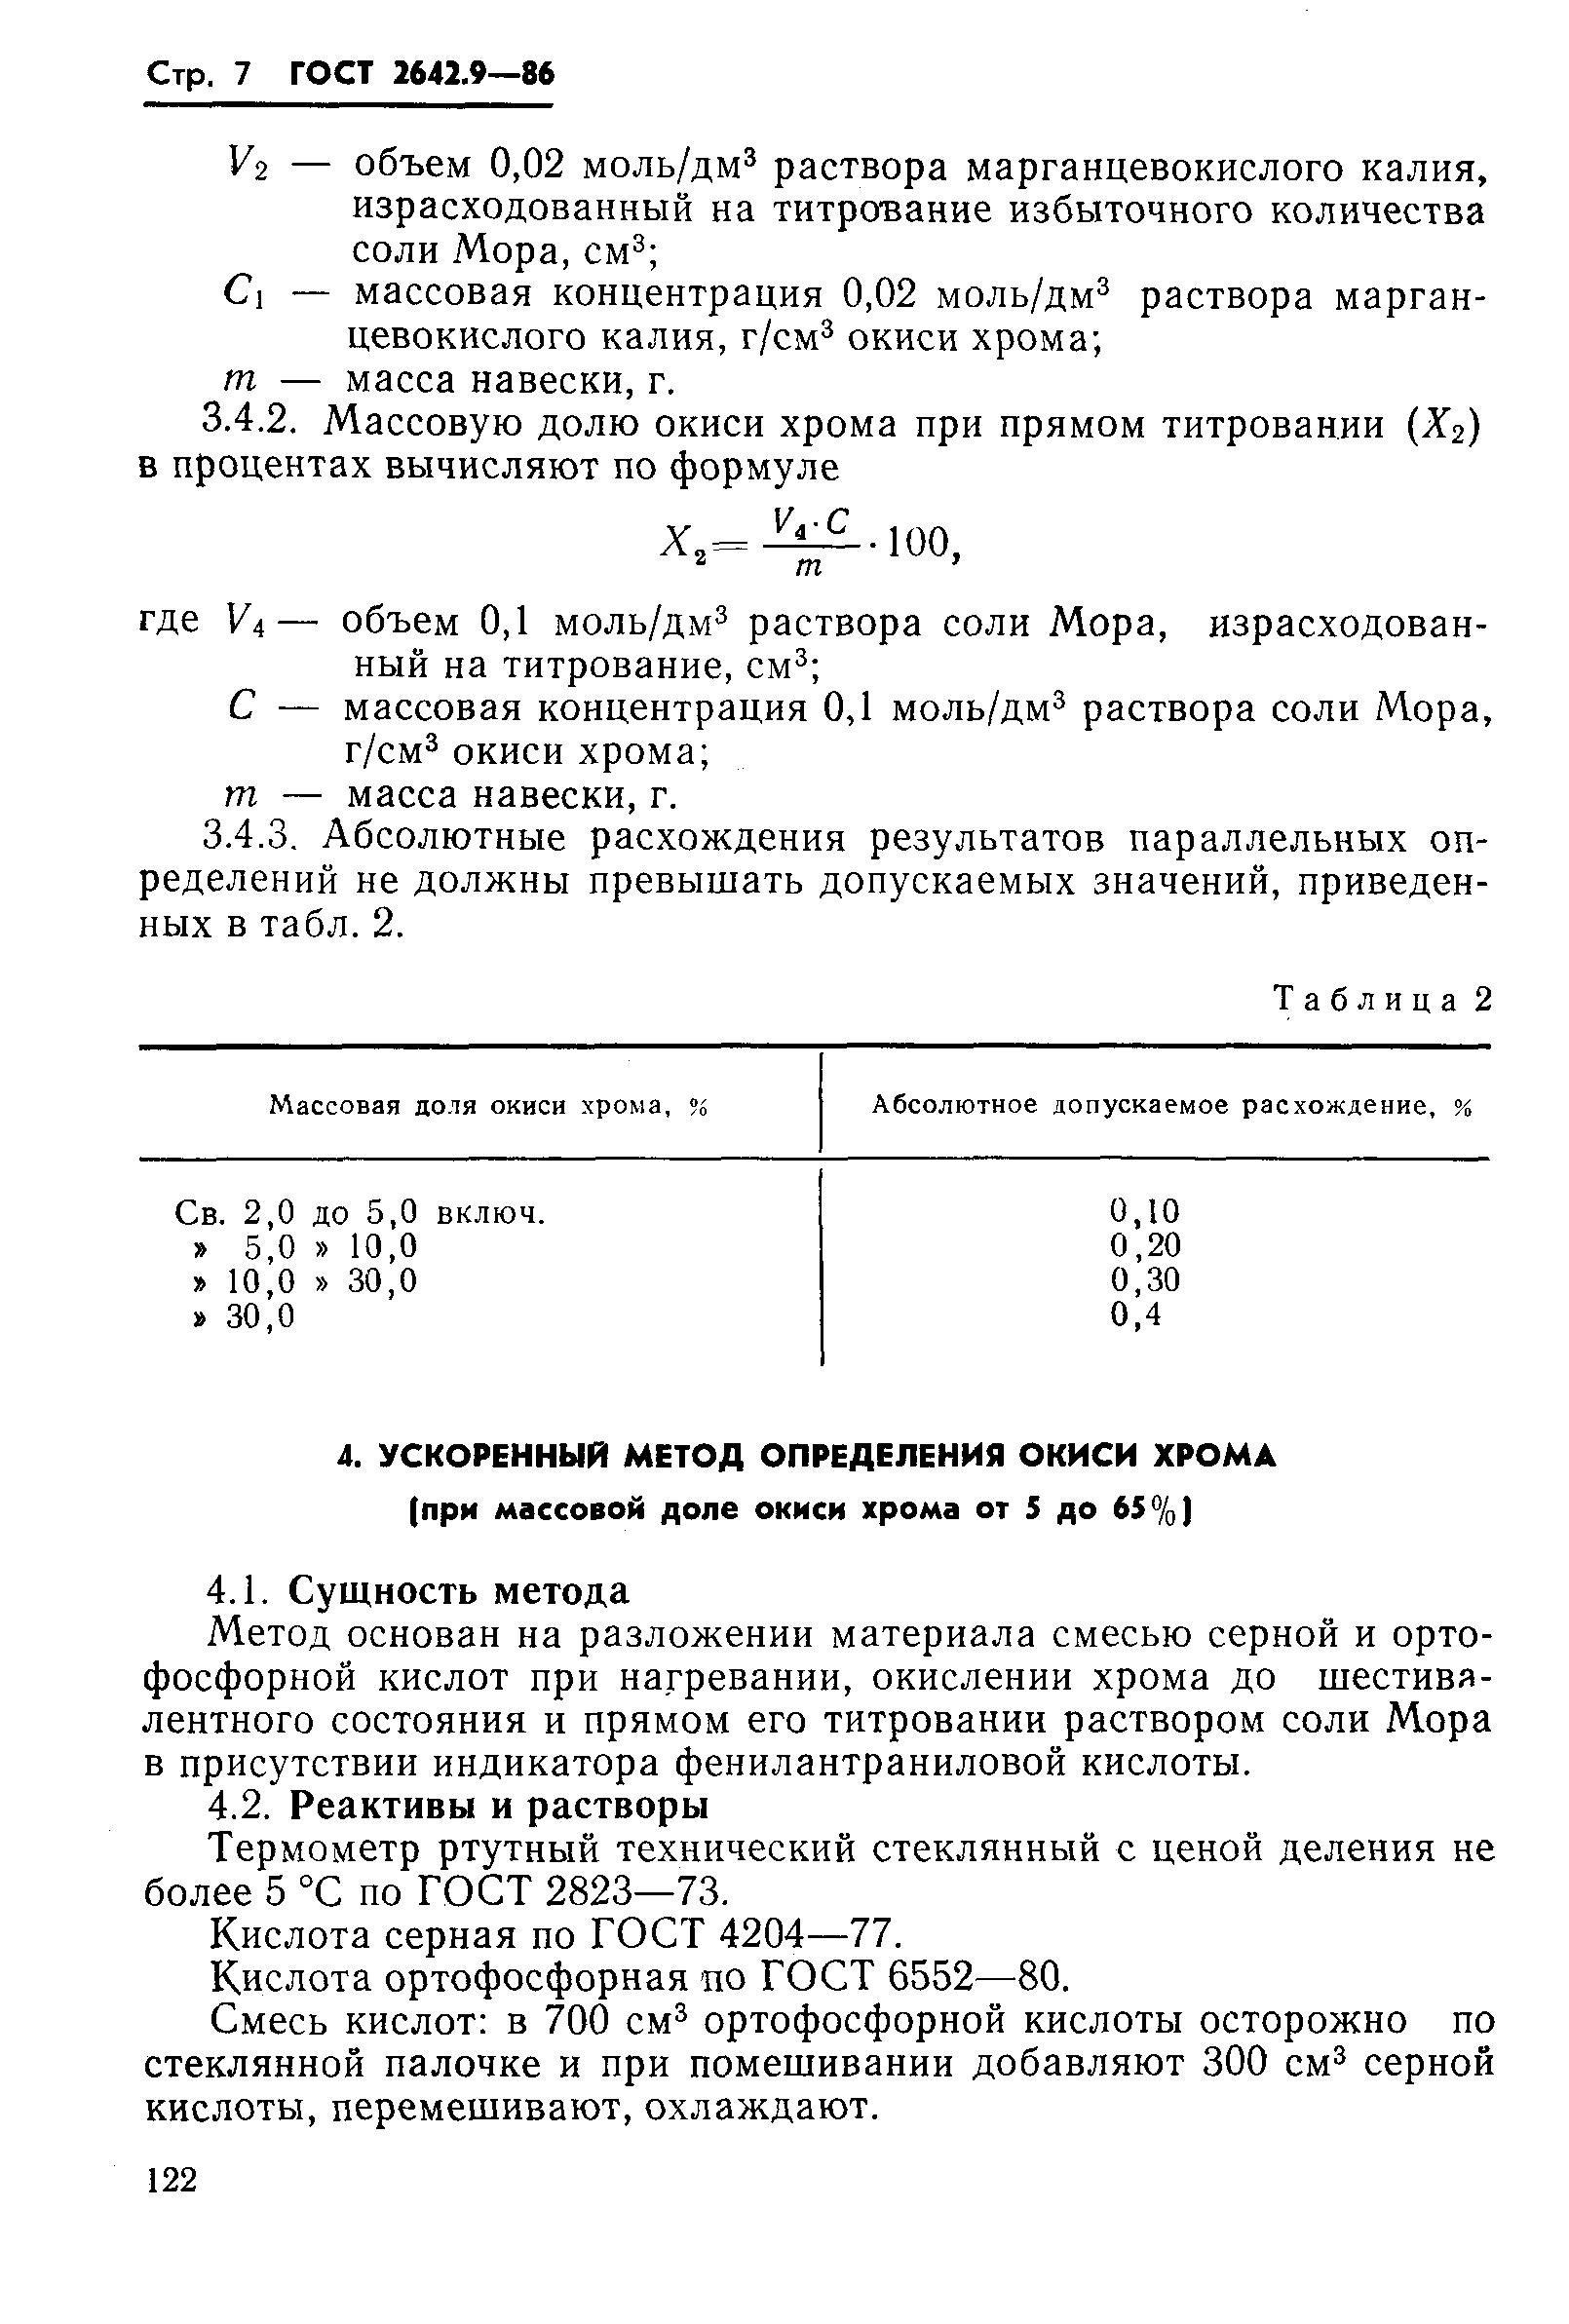 ГОСТ 2642.9-86. Страница 7